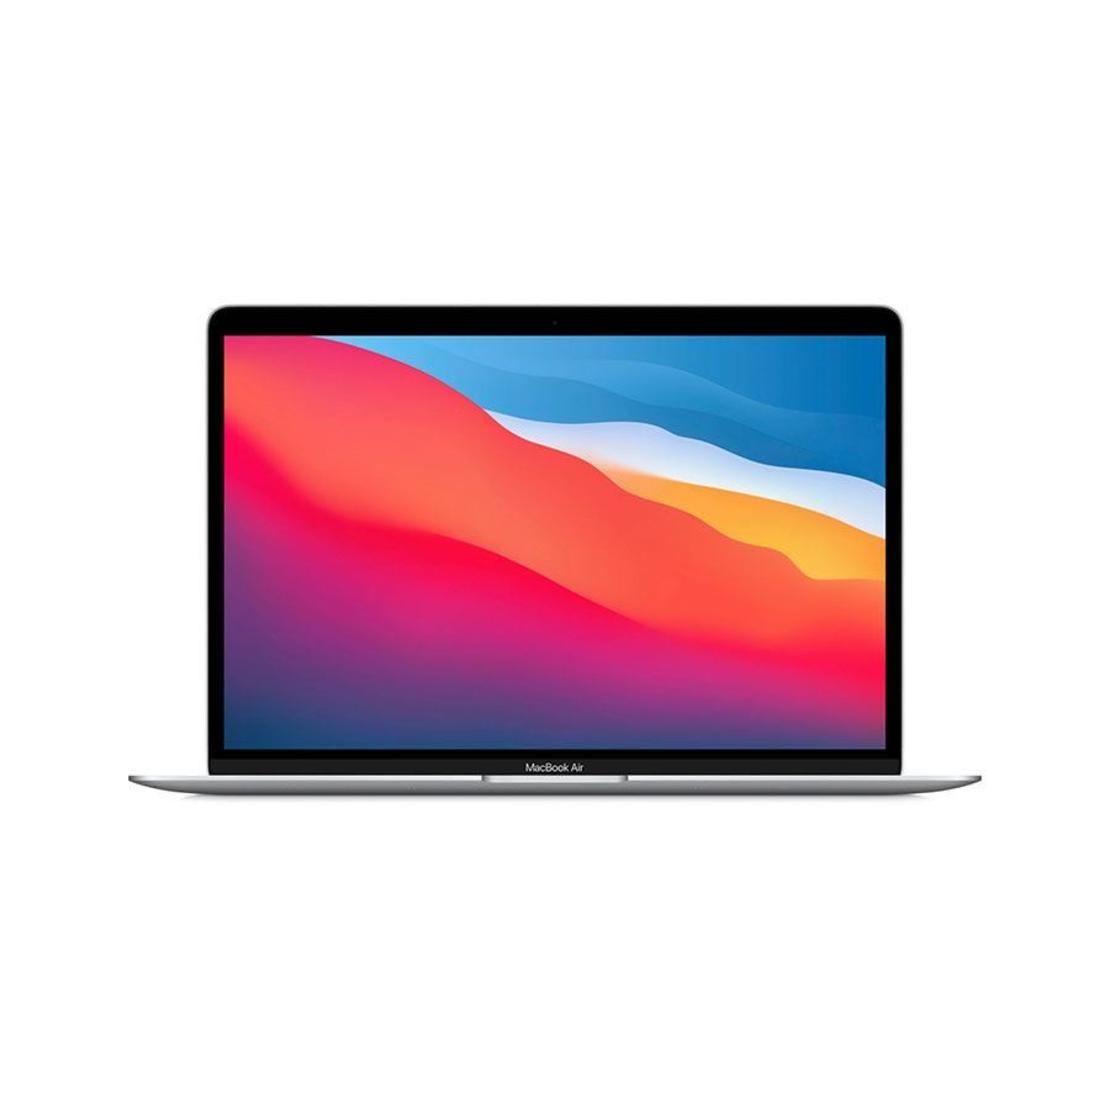 מחשב נייד Apple MacBook Air 13.3/Apple M1 Chip/8GB/256GB/macOS/1Y